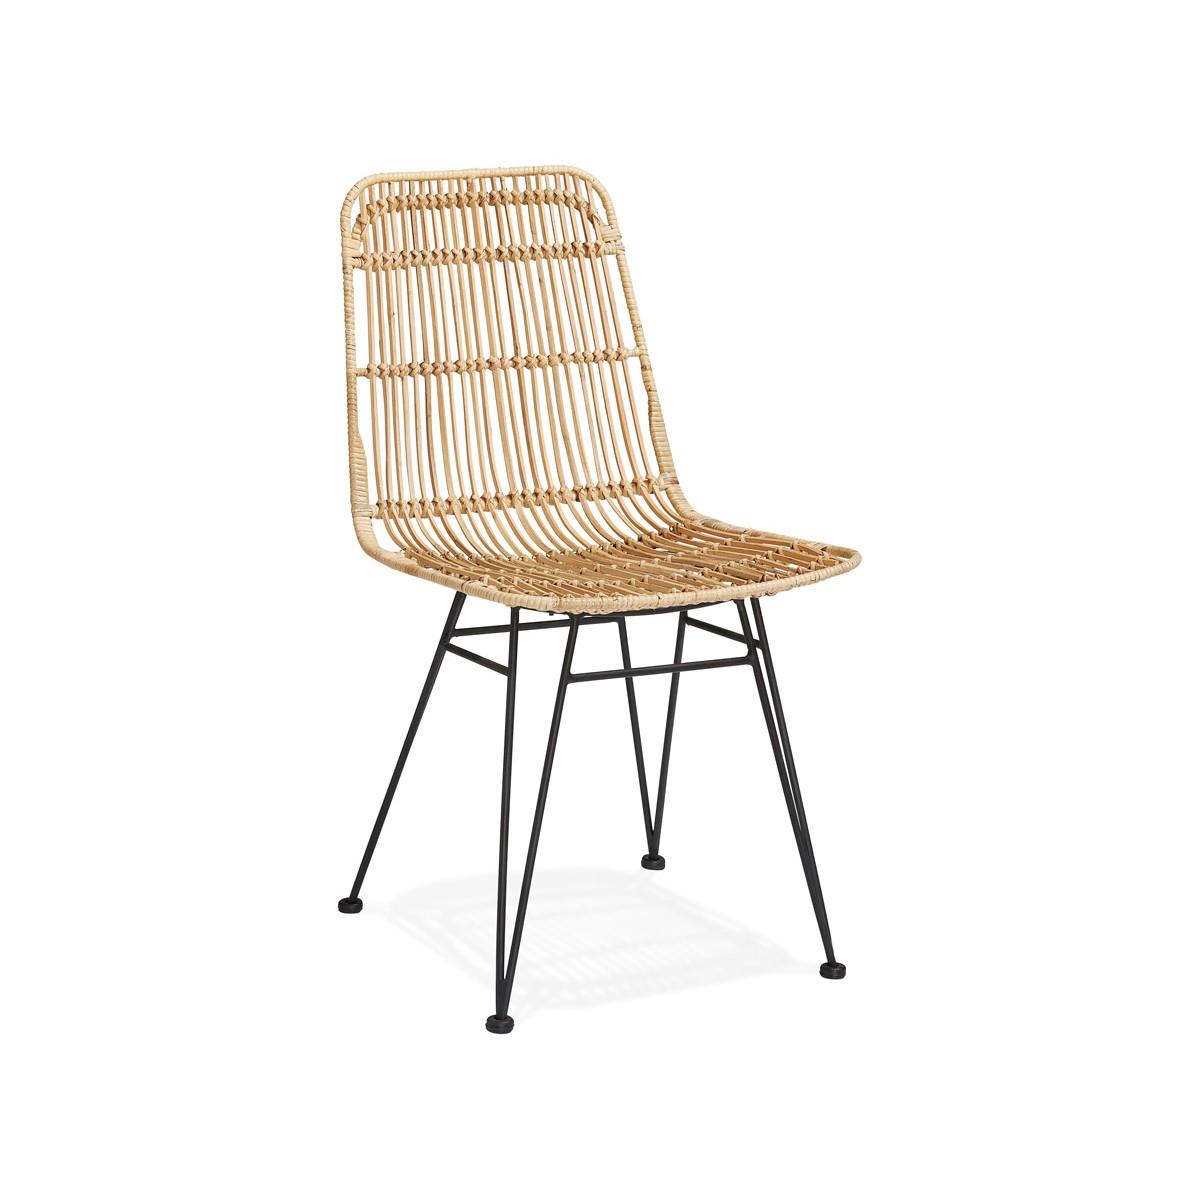 Design Stuhl Und Vintage Rattan Fusse Schwarz Metall Berenice Naturlich Amp Story 6881